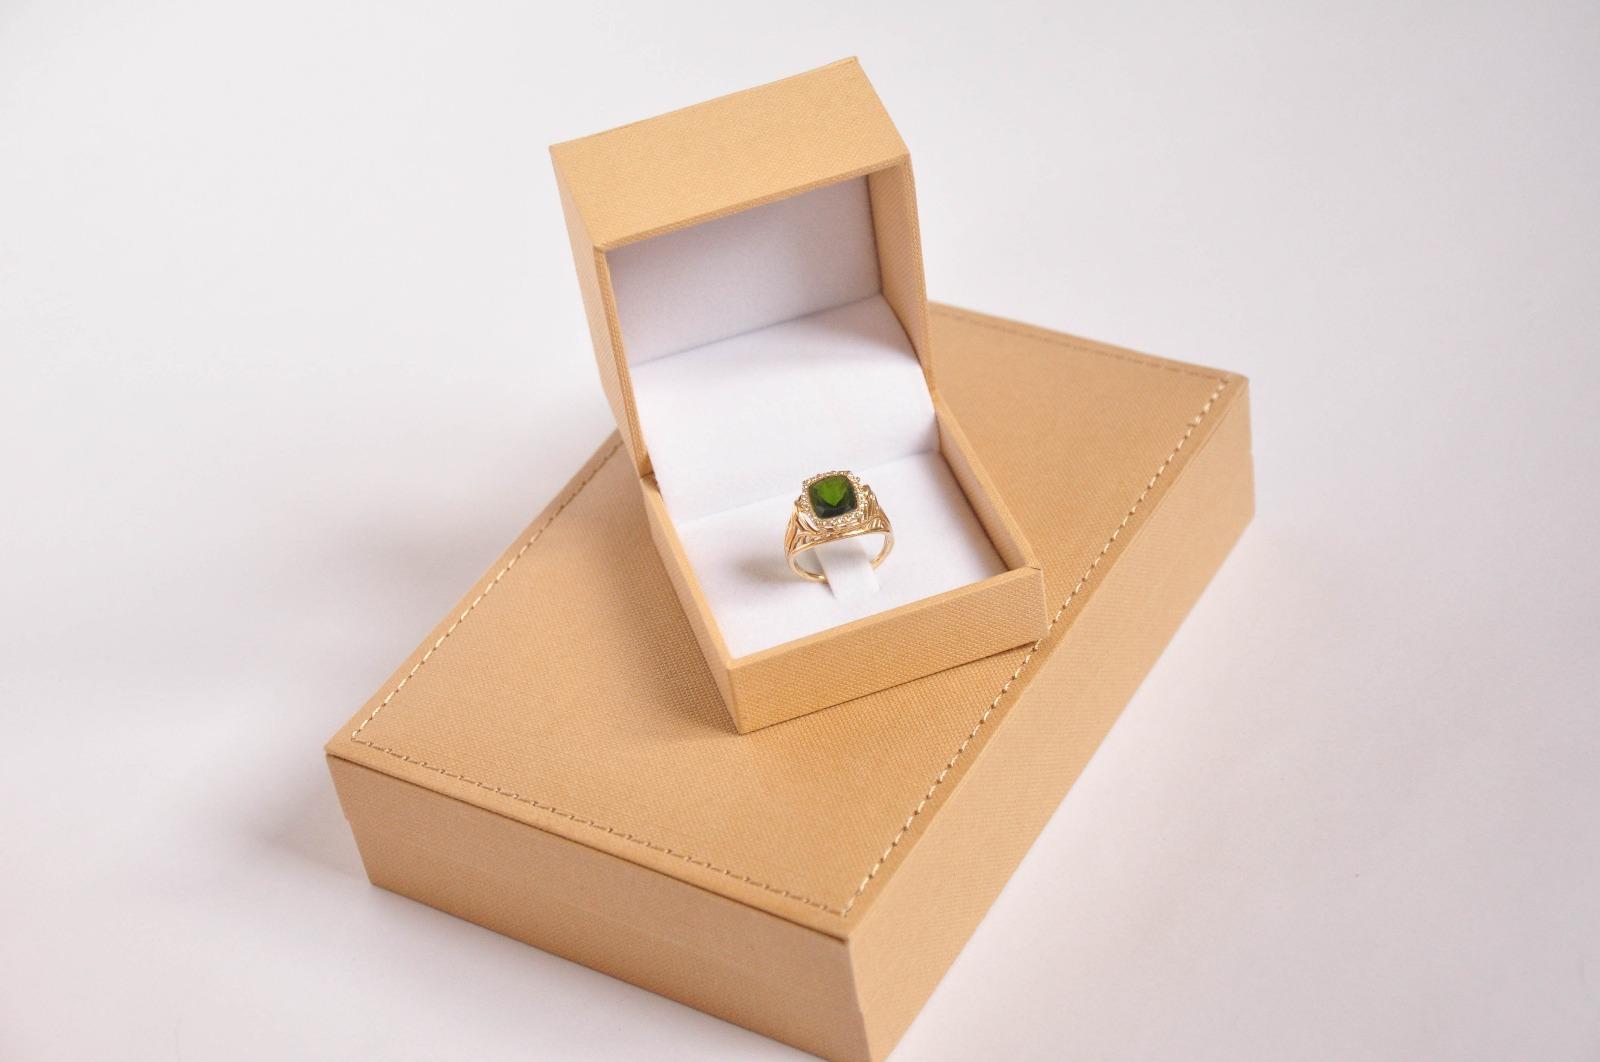 טיפים לניקוי תכשיטי זהב- תודה על התמונה היפה - מריאנה יארמולינסקי אפרתי